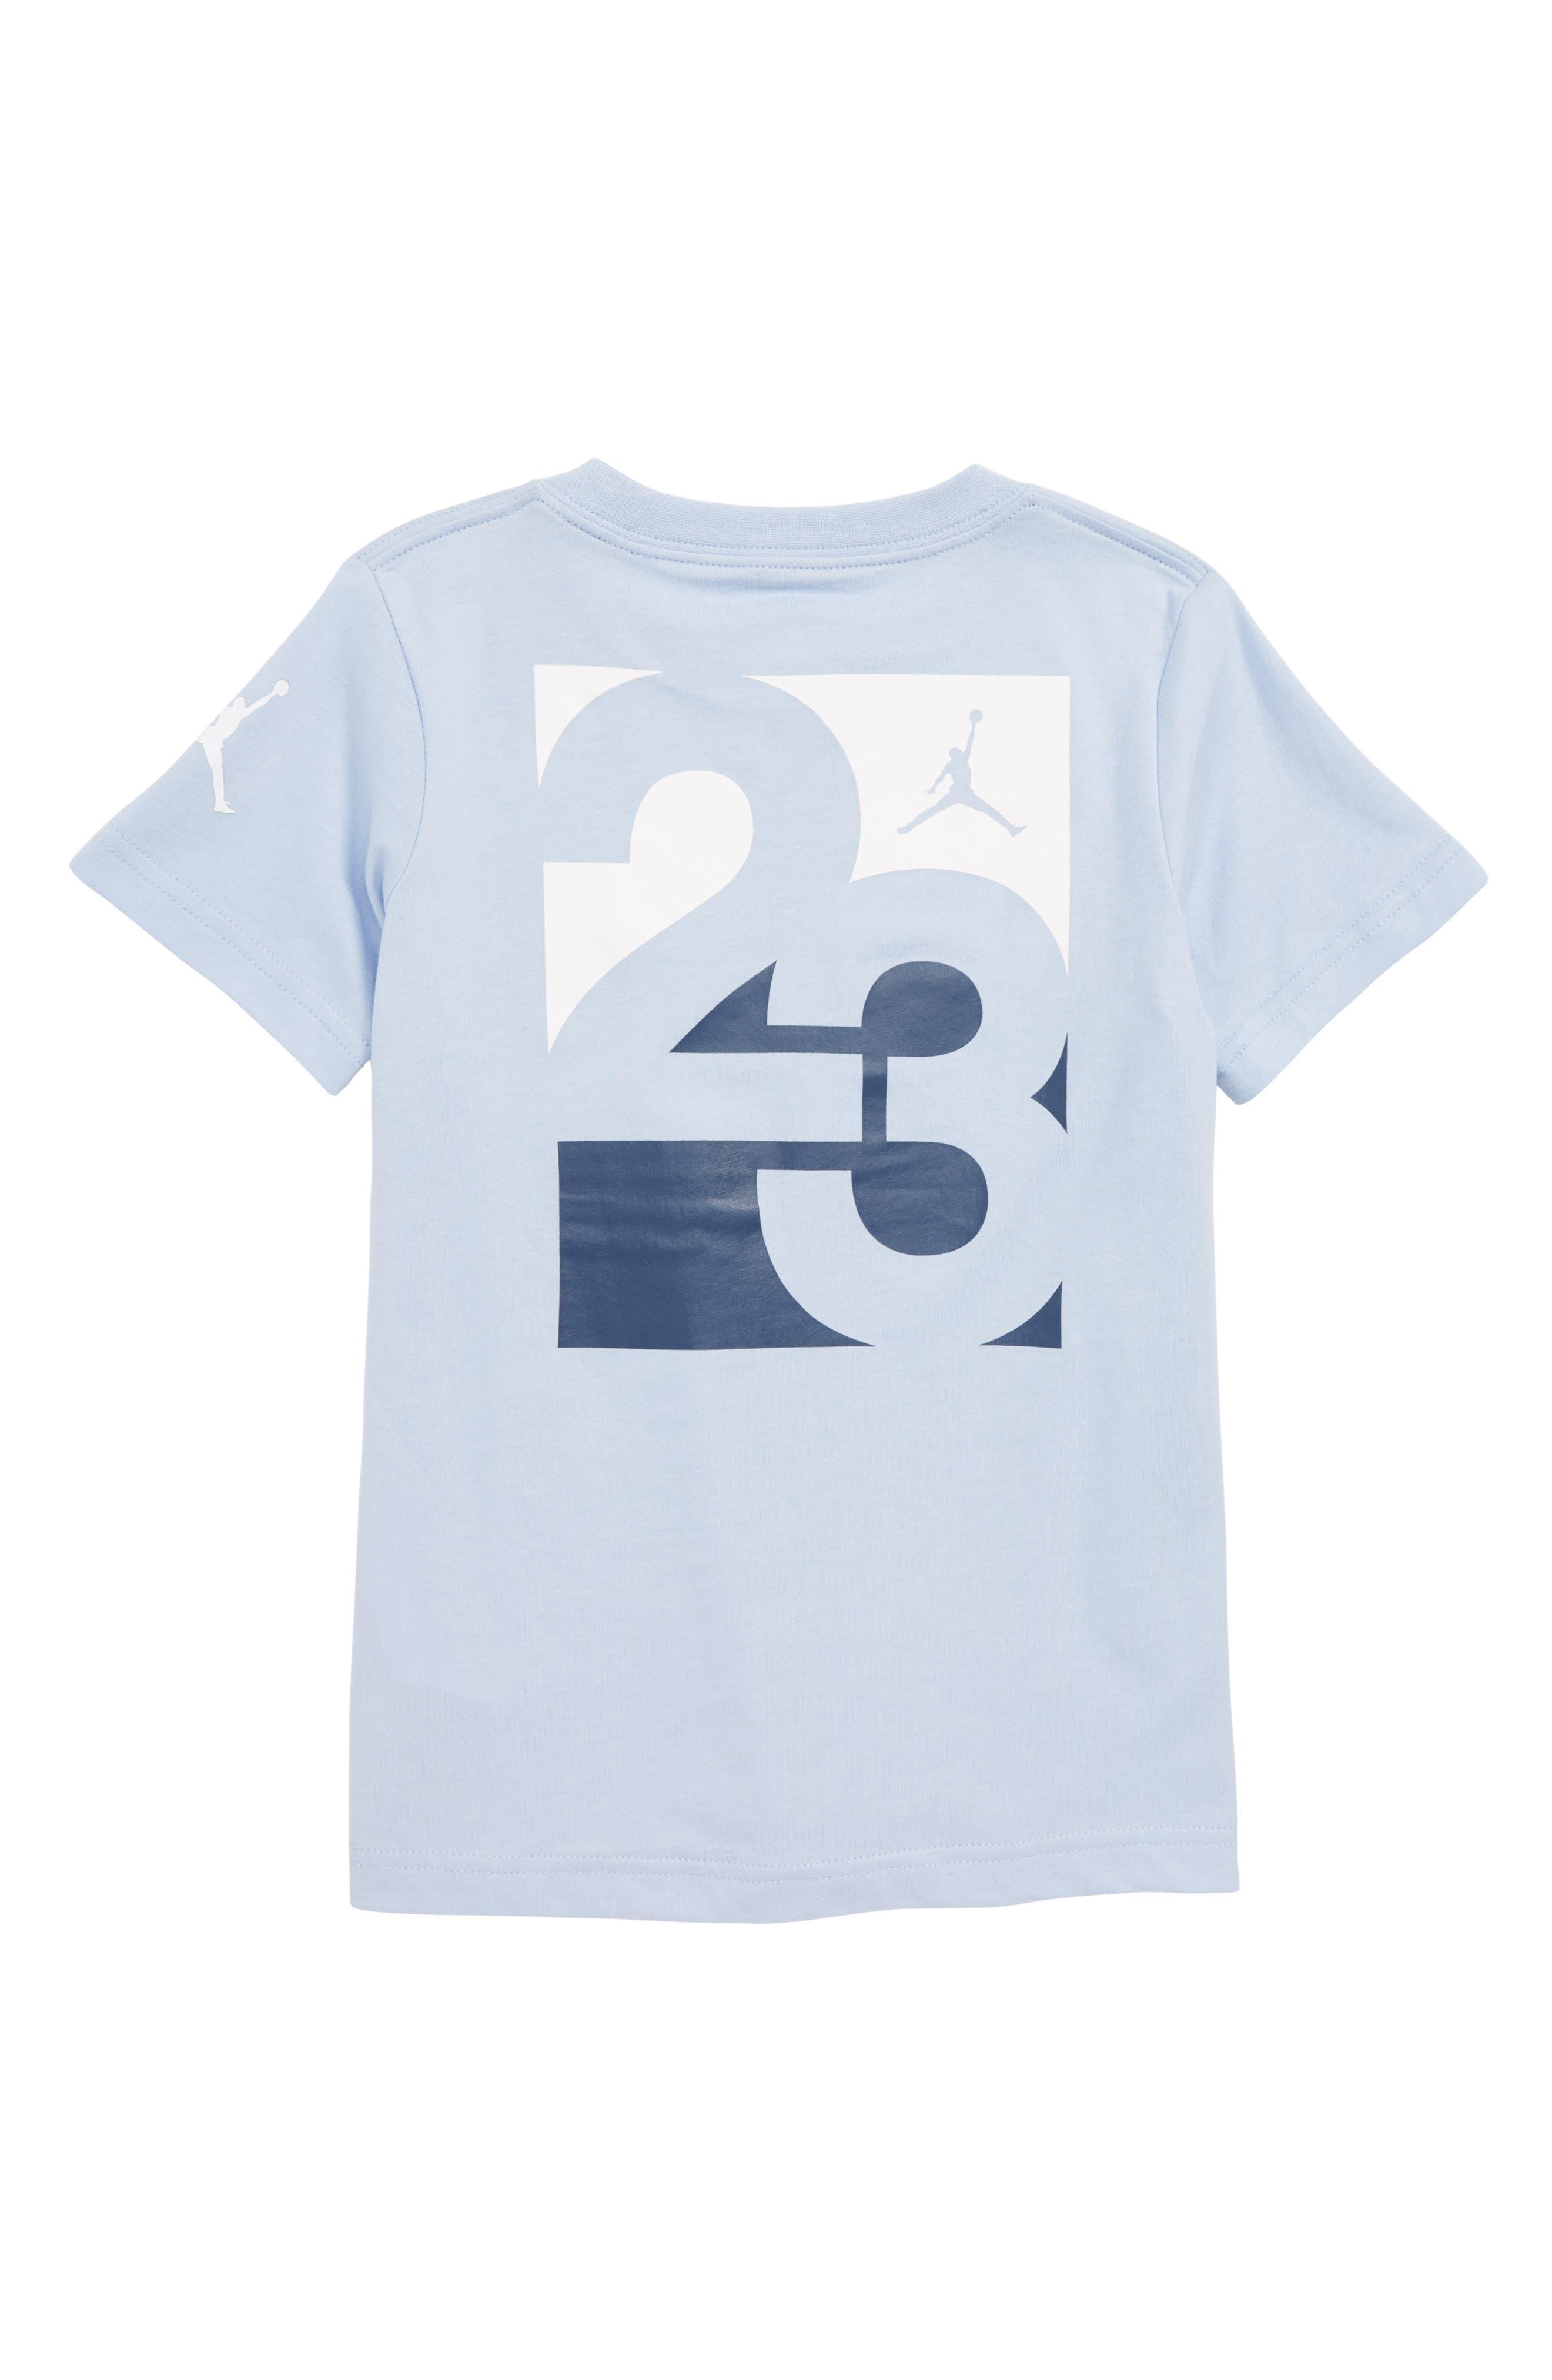 Nike Jordan Racked Up Graphic T-Shirt,                             Alternate thumbnail 2, color,                             Cobalt Bliss